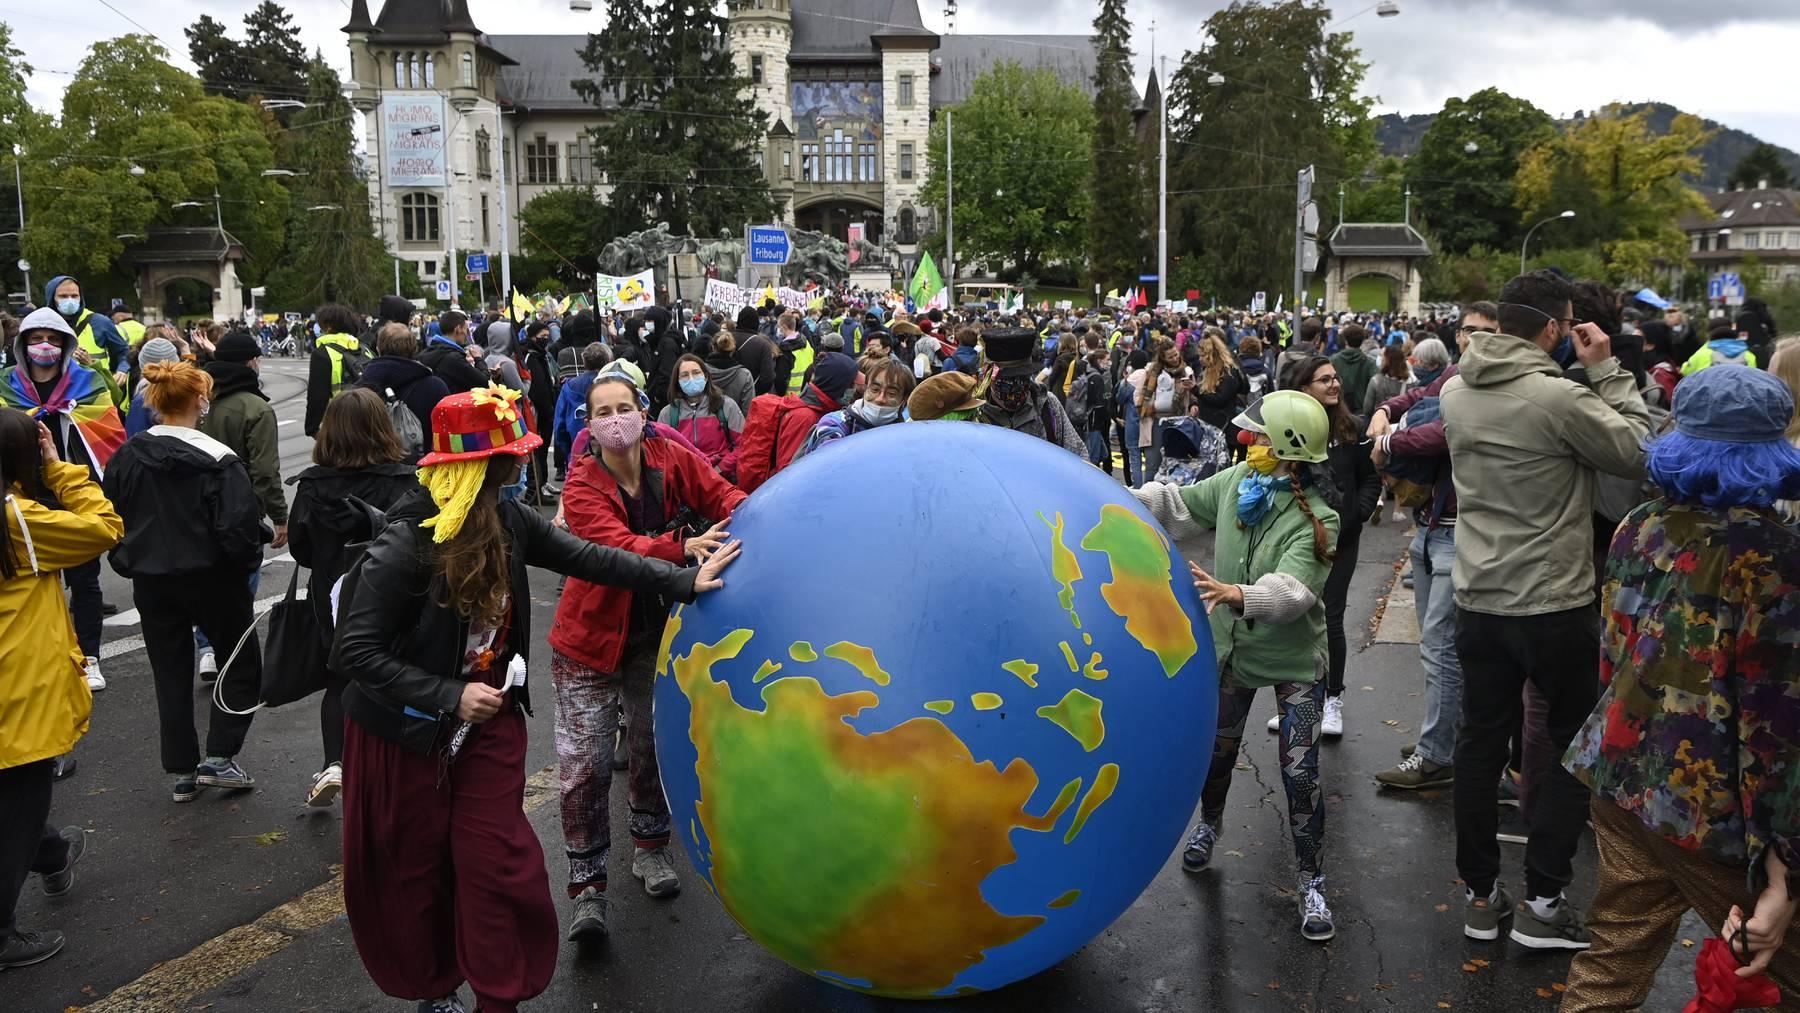 Klimaaktivisten versammelten sich am Freitag auf dem Helvetiaplatz in Bern und zogen anschliessend durch die Innenstadt.